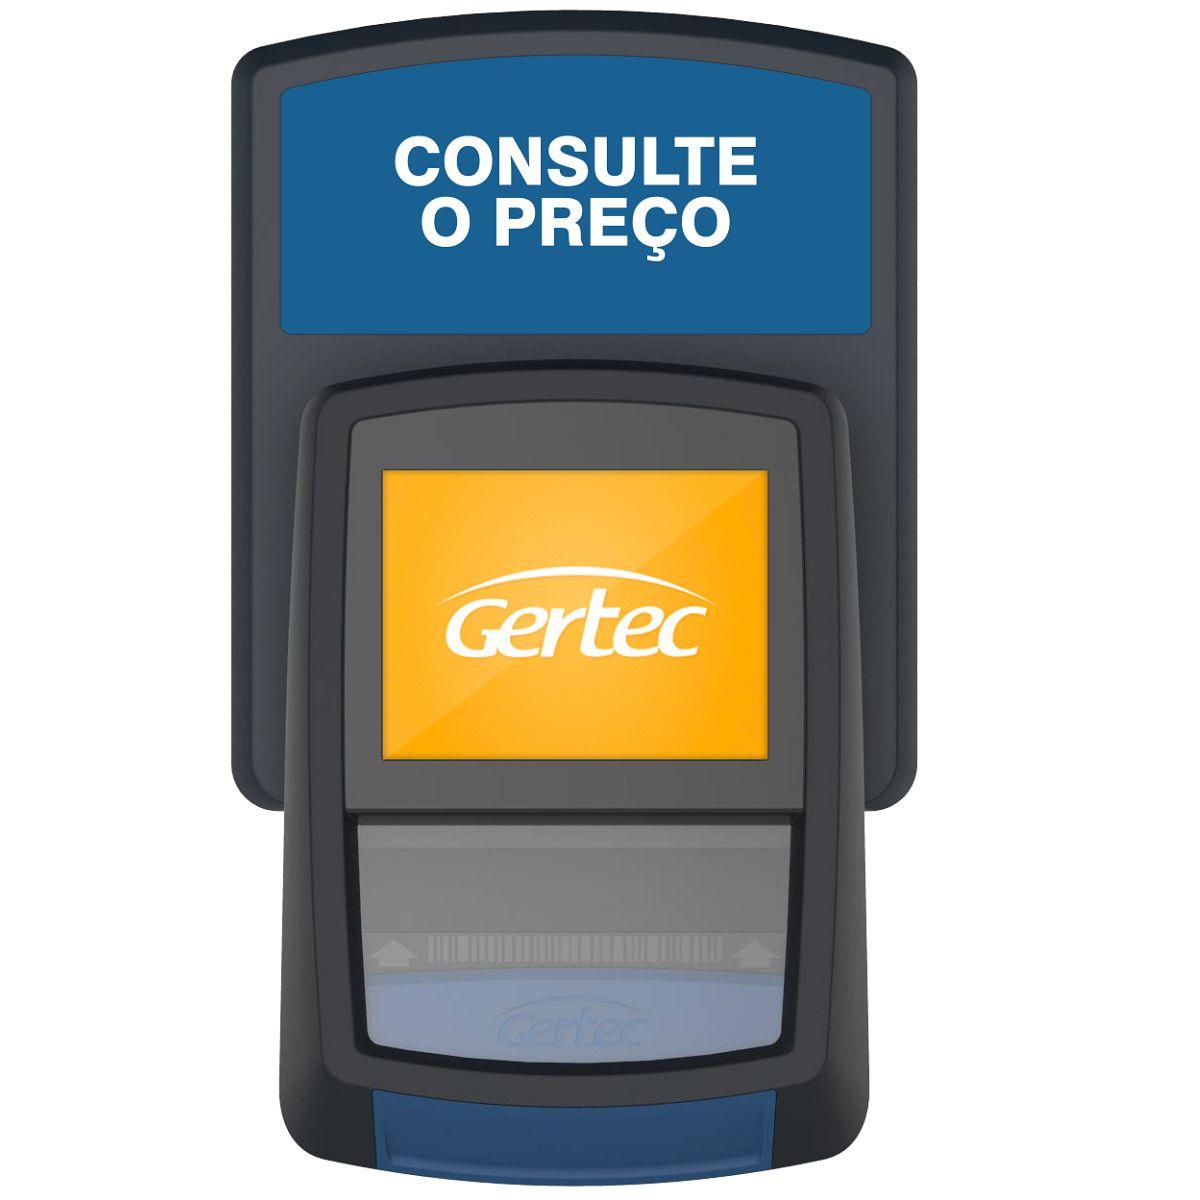 Terminal de Consulta Gertec BuscaPreço G2 Wi-Fi  - ZIP Automação